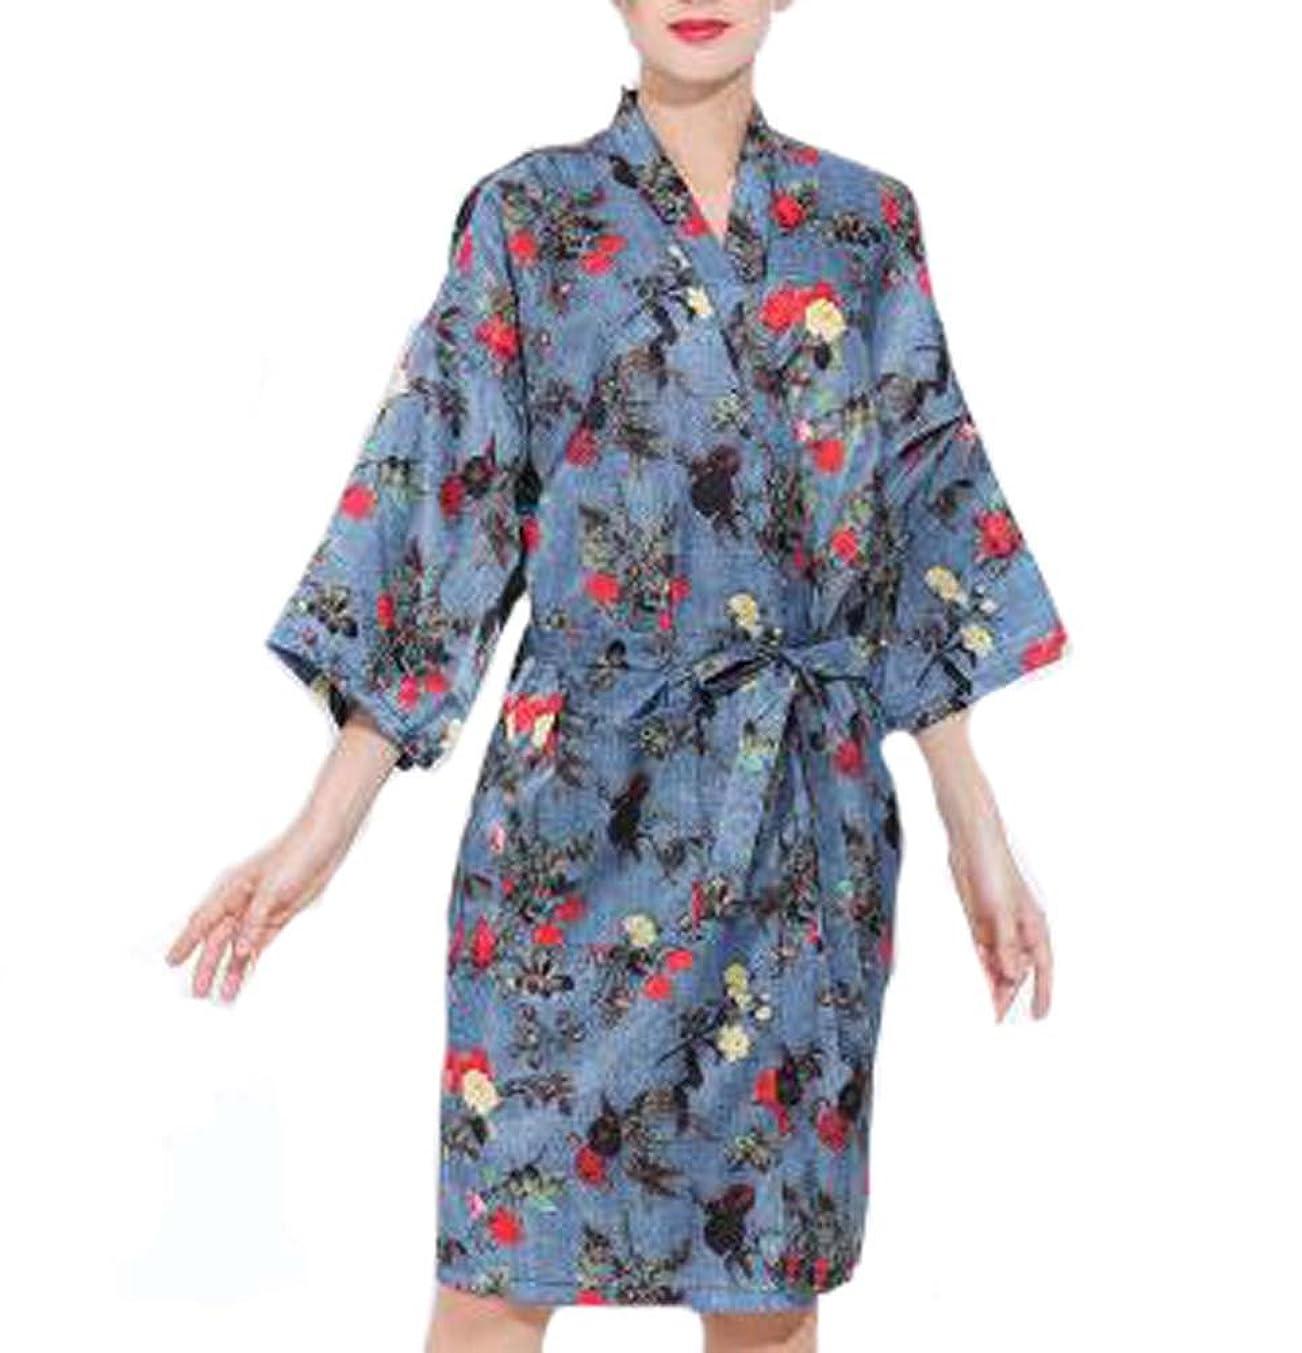 反抗陽気な振る舞う欧州スタイルのサロンクライアントガウンローブ、美容院用ドレス、デニムカラー